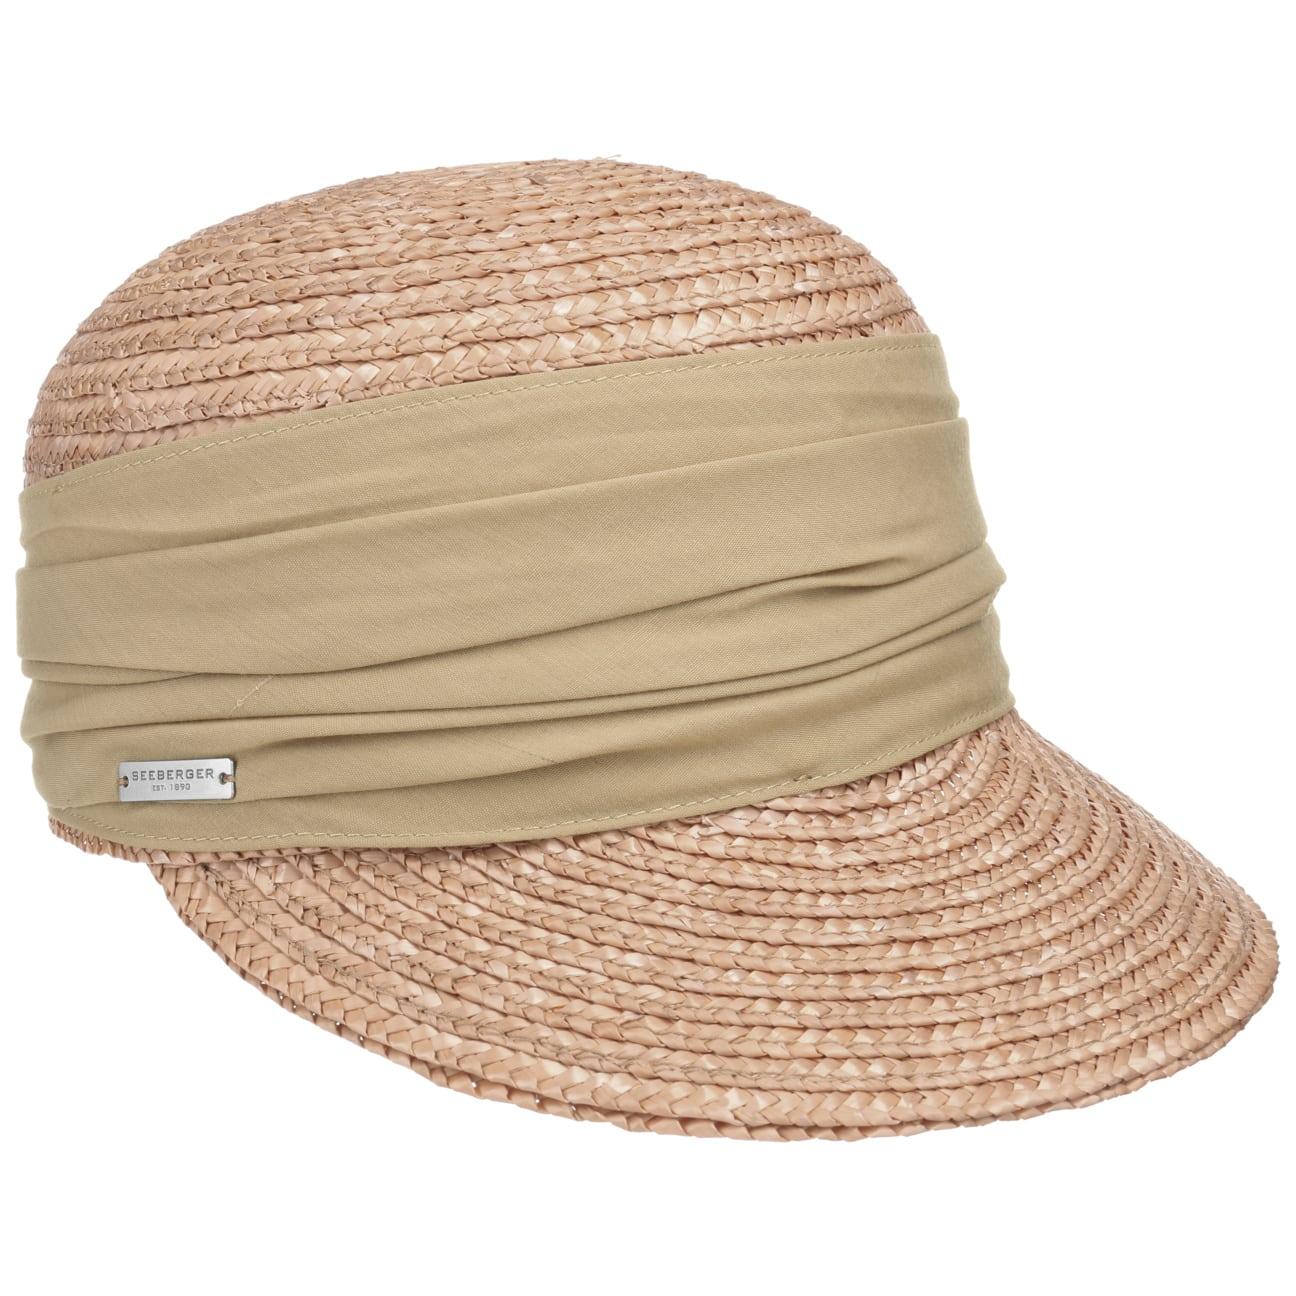 Gorra de Paja Grace by Seeberger  gorra de verano